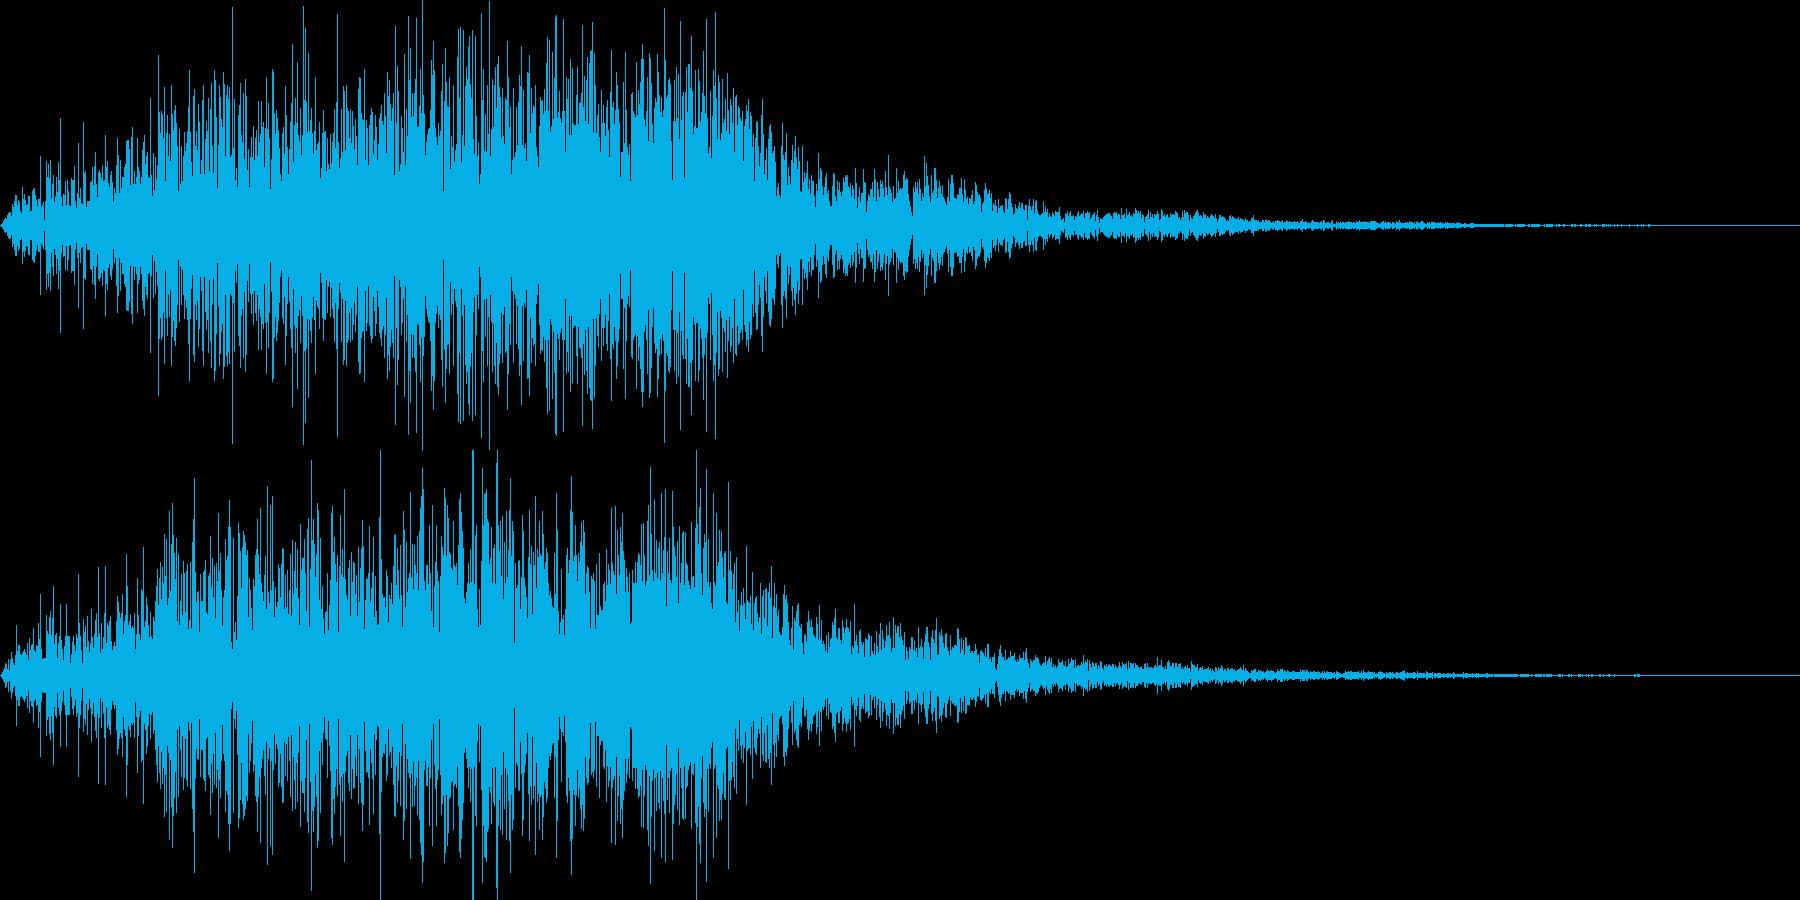 パワーアップやメーター溜まる音の再生済みの波形